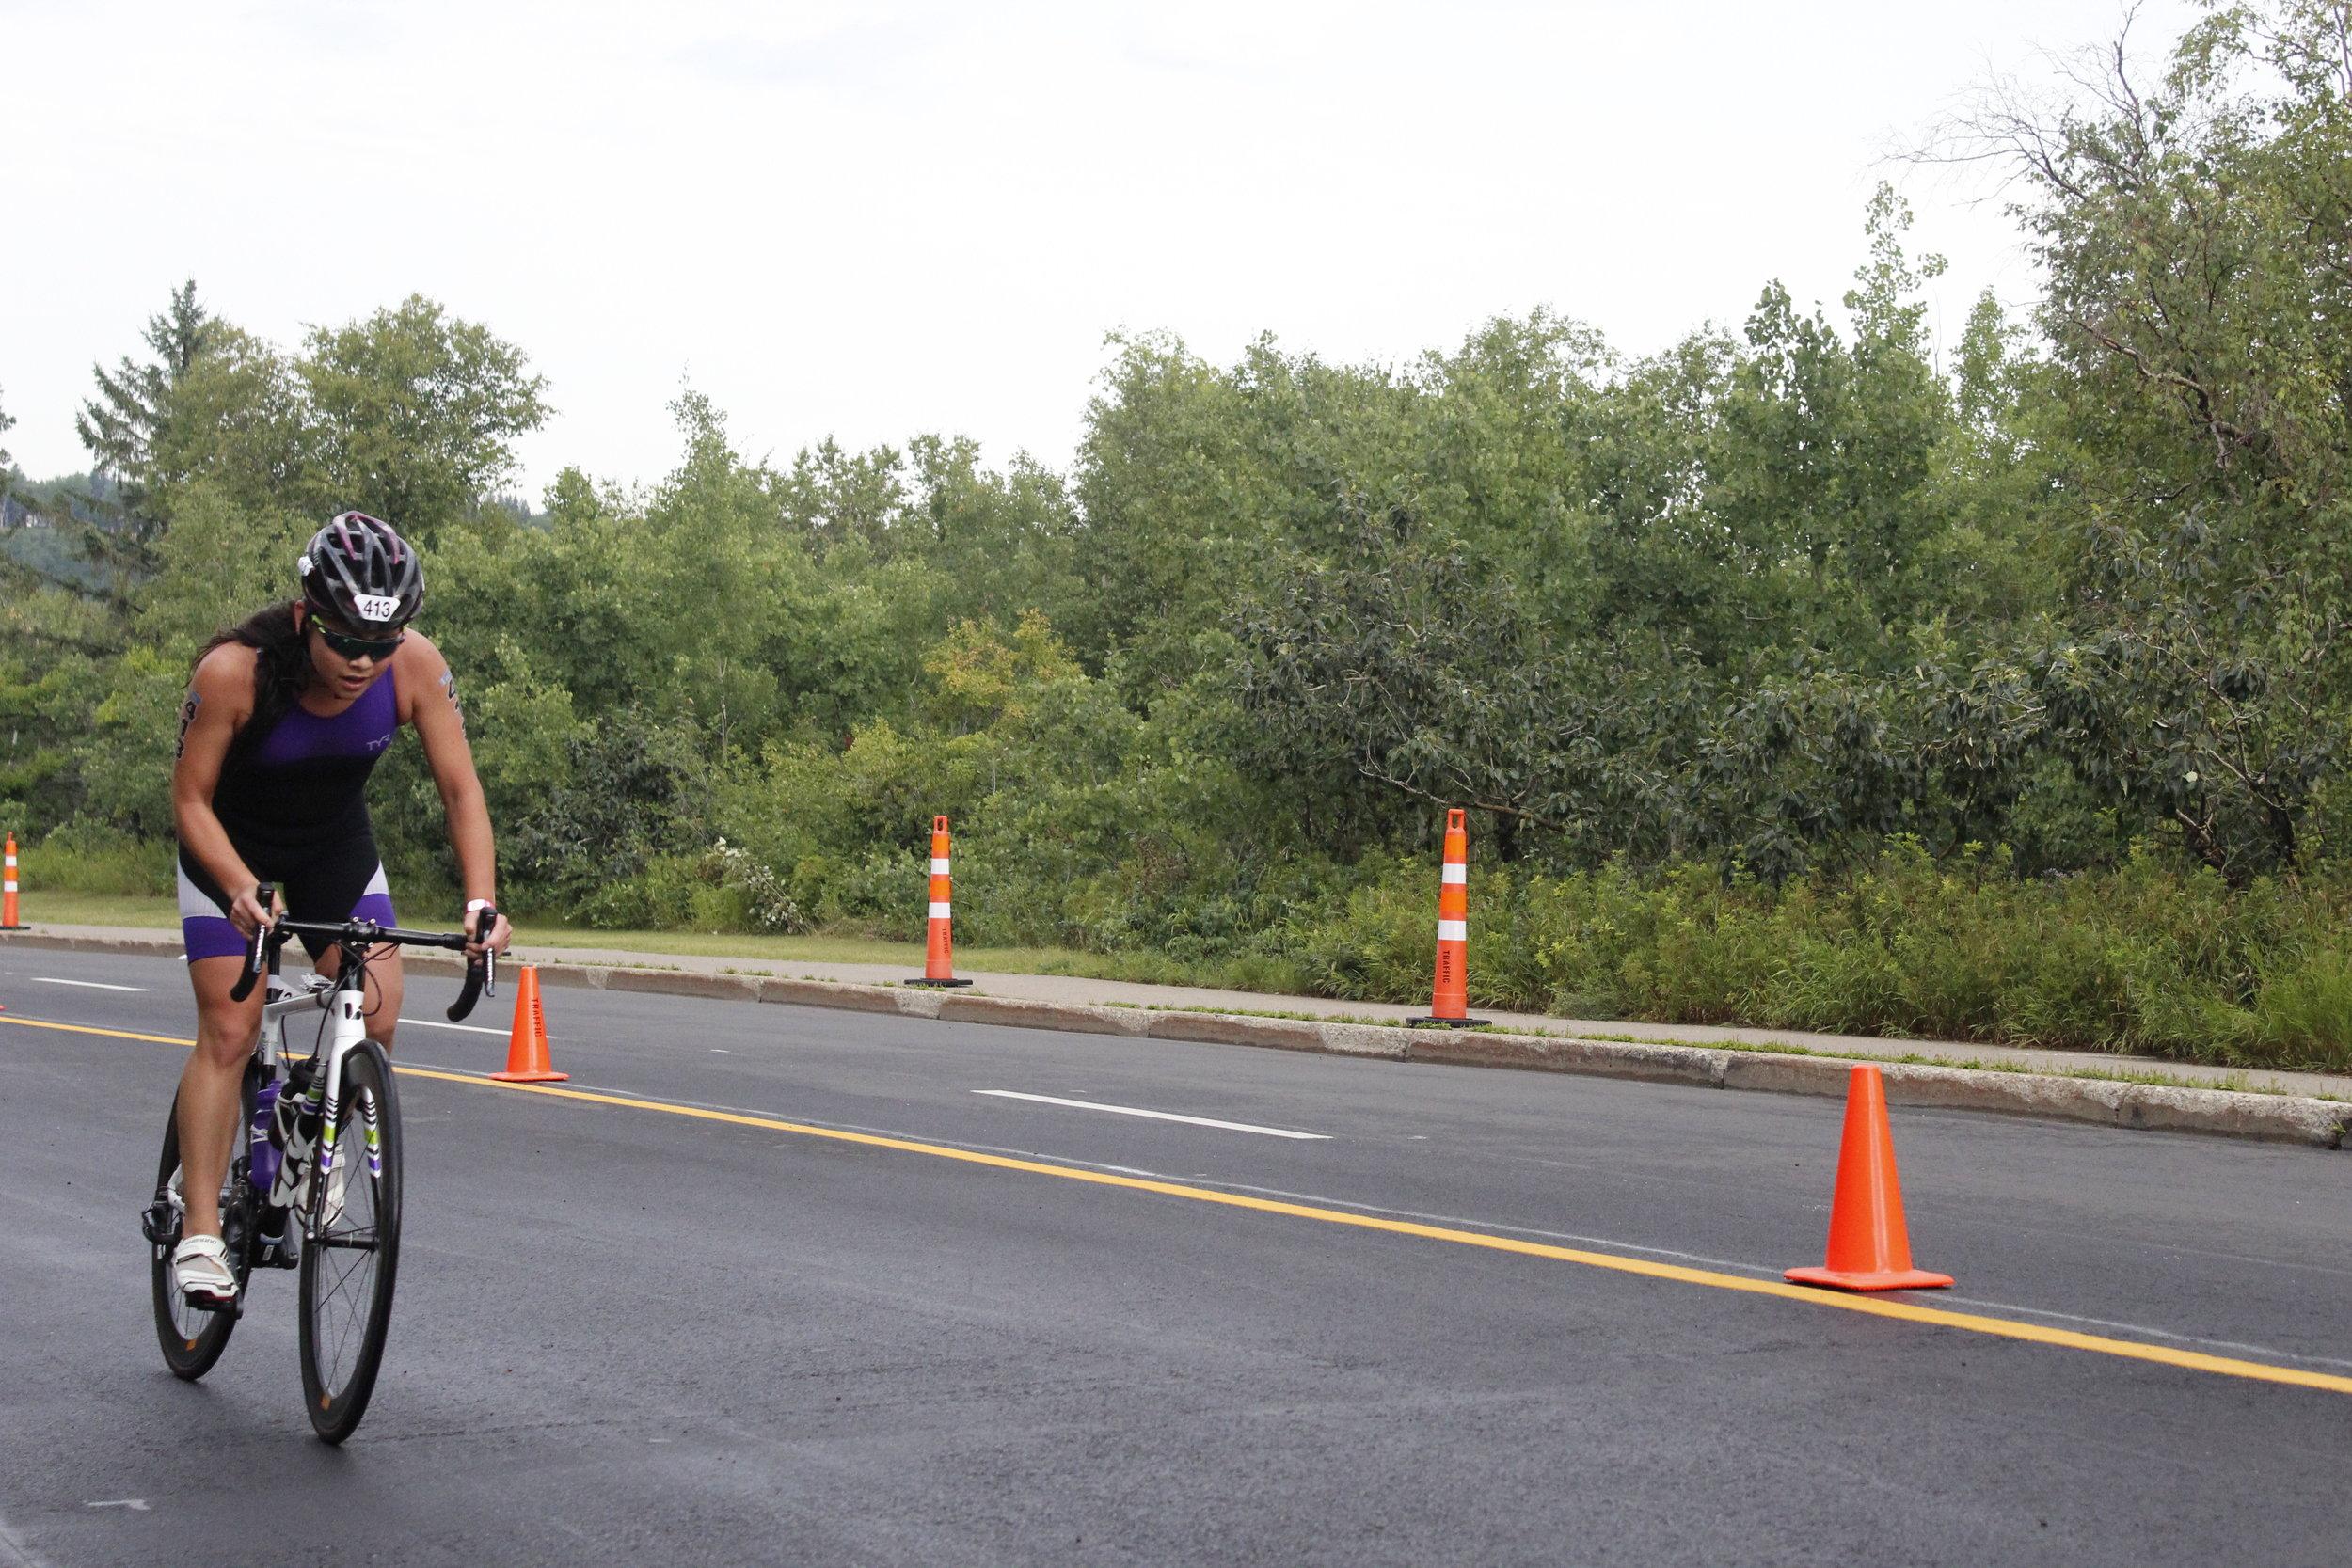 Yume cycling in a triathlon